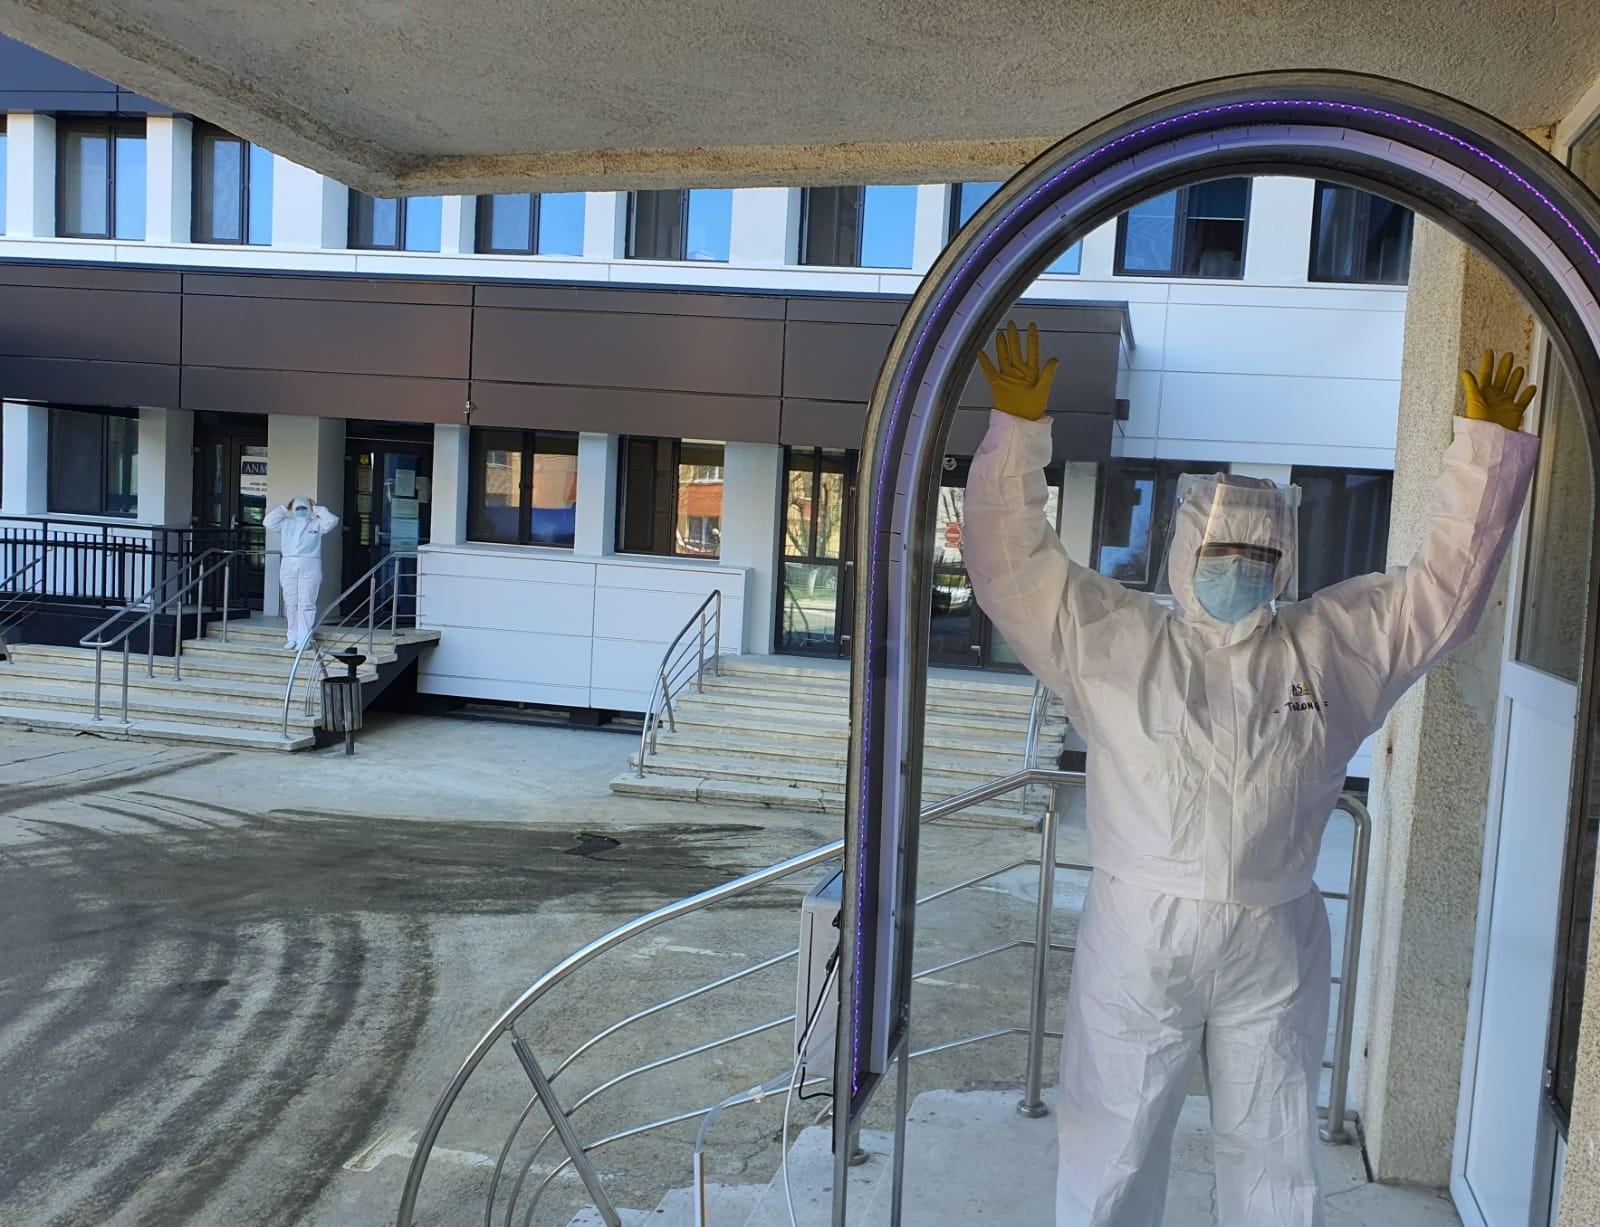 Doua tuneluri de dezinfectie montate la spitalul din Buhusi